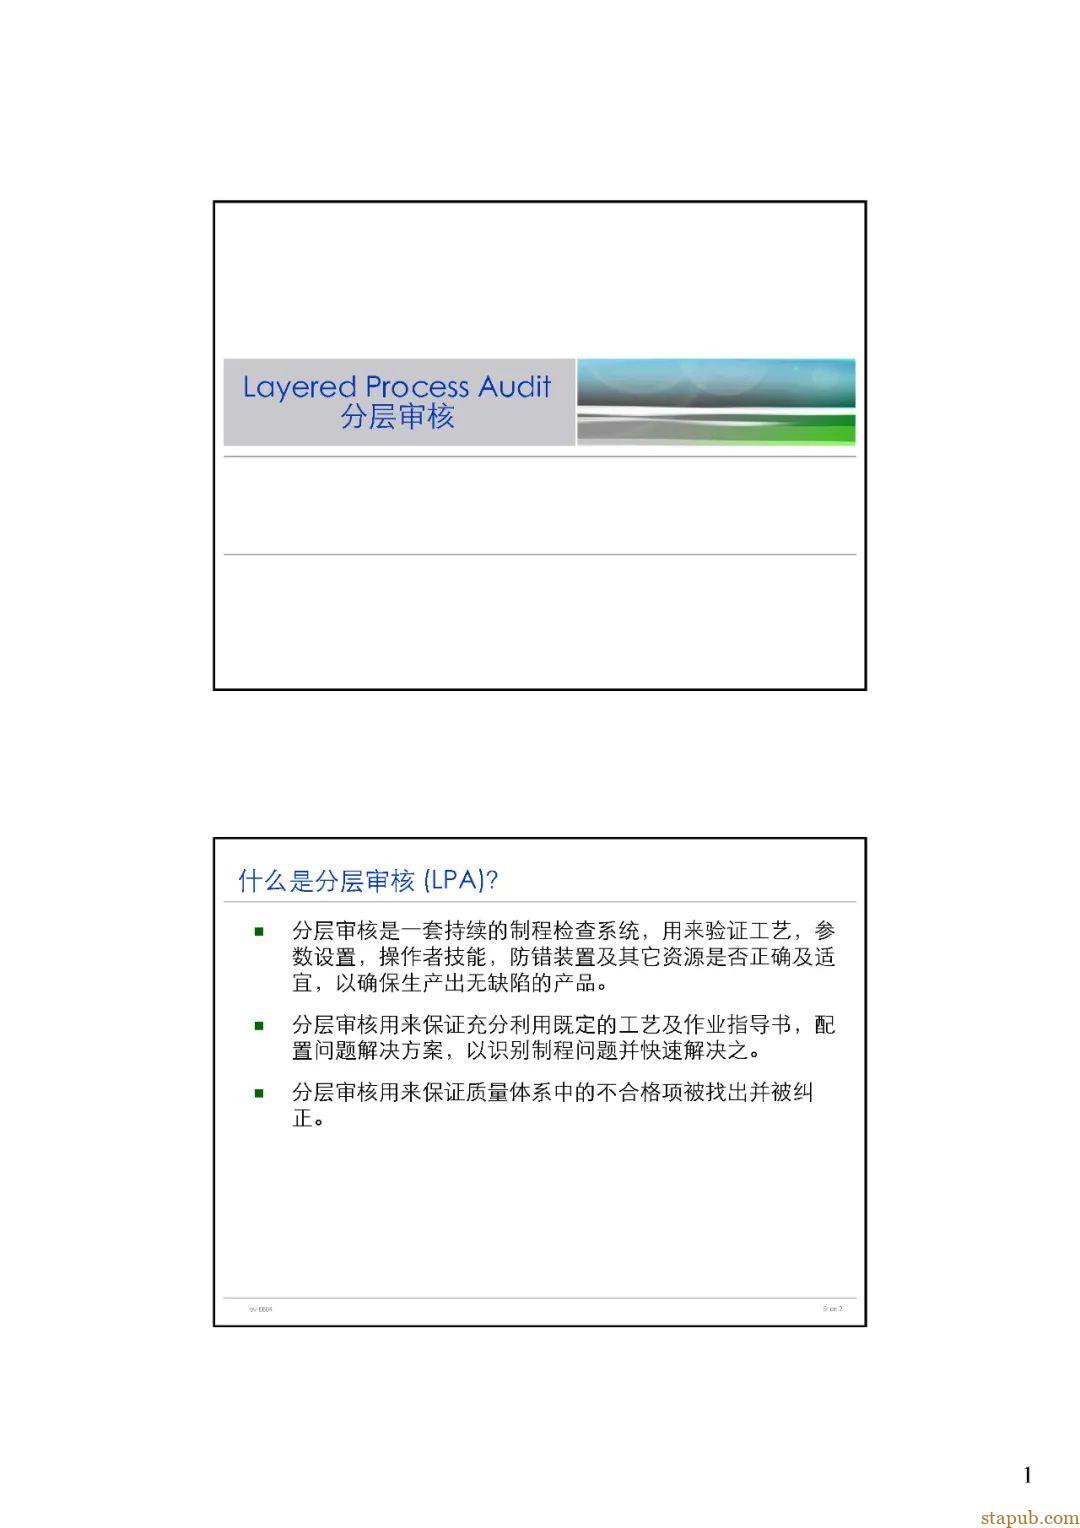 过程审核之LPA分层审核